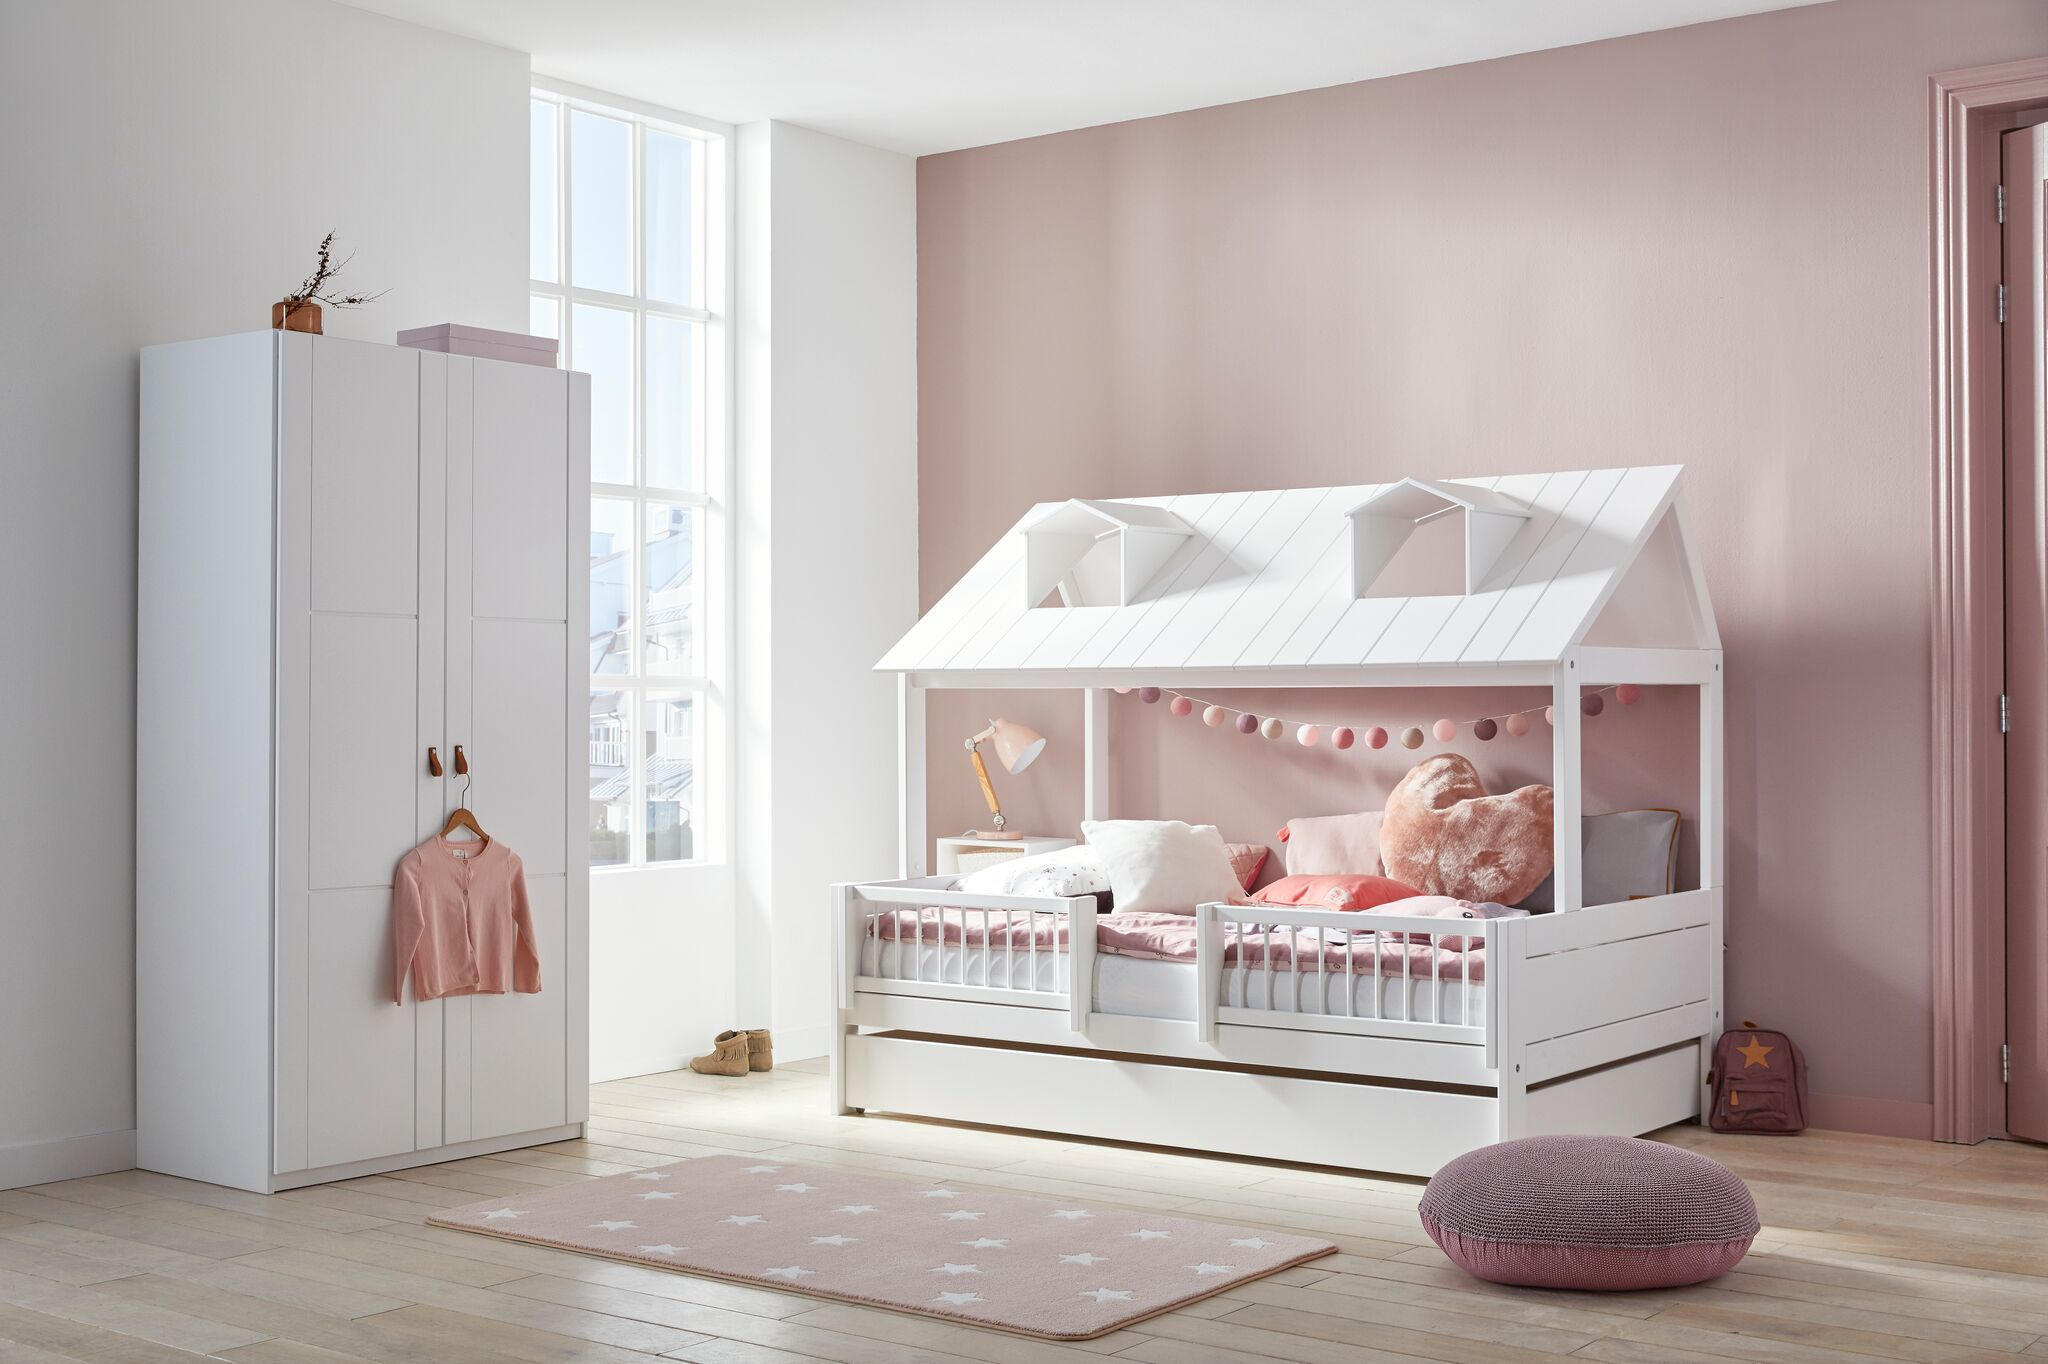 Beachhouse Bett In Drei Grossen 90 X200 Cm 120 X 200 Cm Und 140 X 200 Cm Kinderbett Haus Kinder Zimmer Kinder Bett